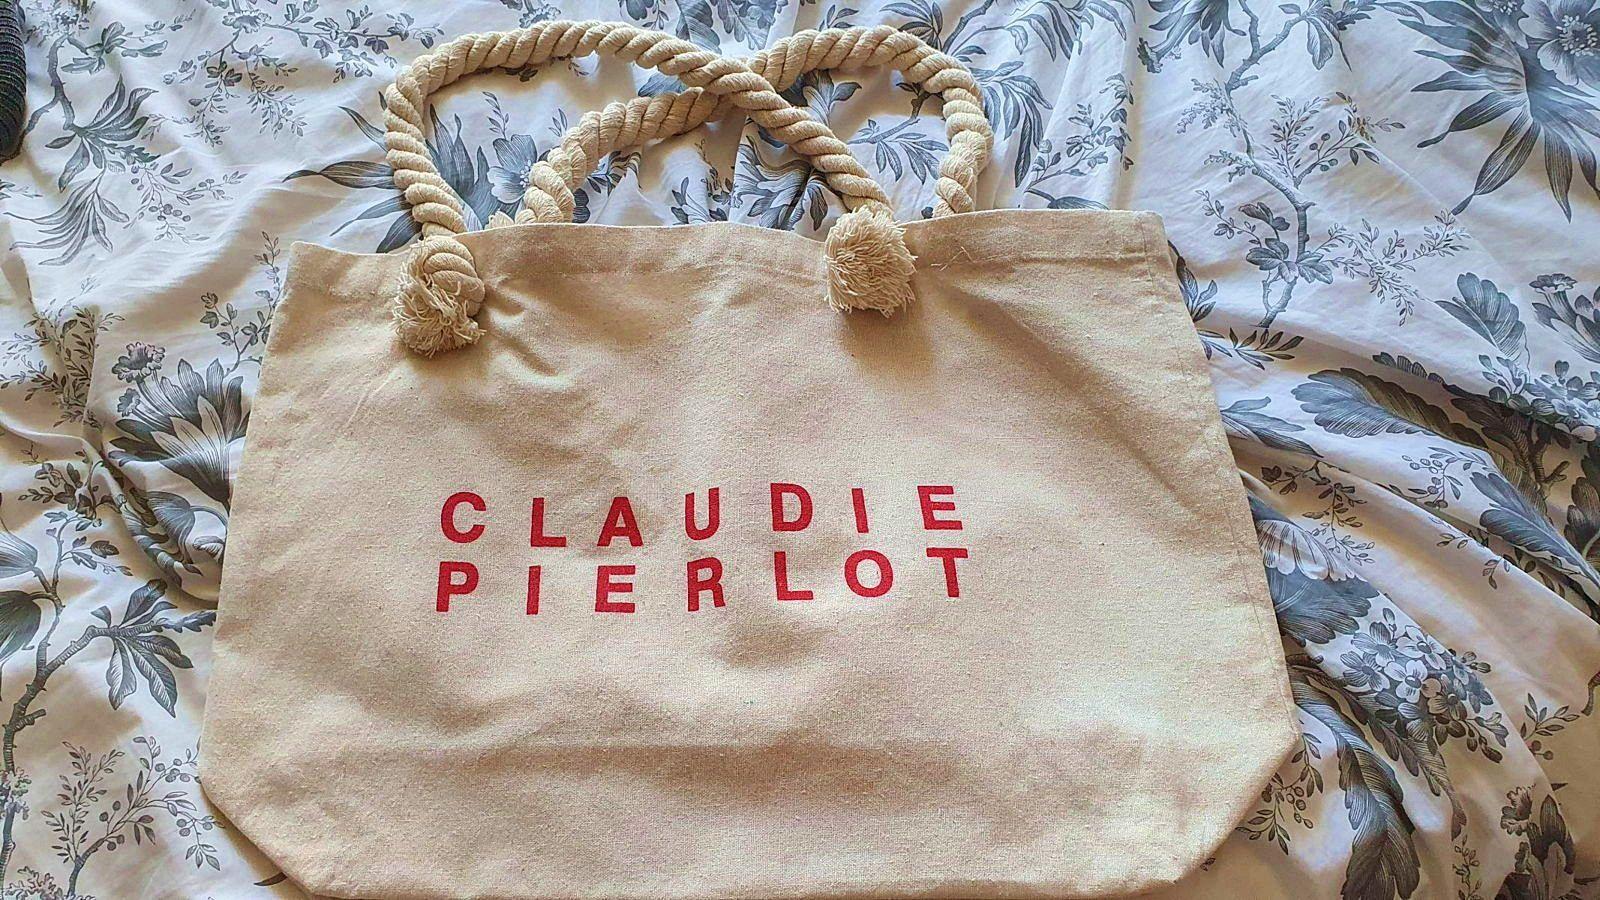 Sac de plage Claudie Pierlot